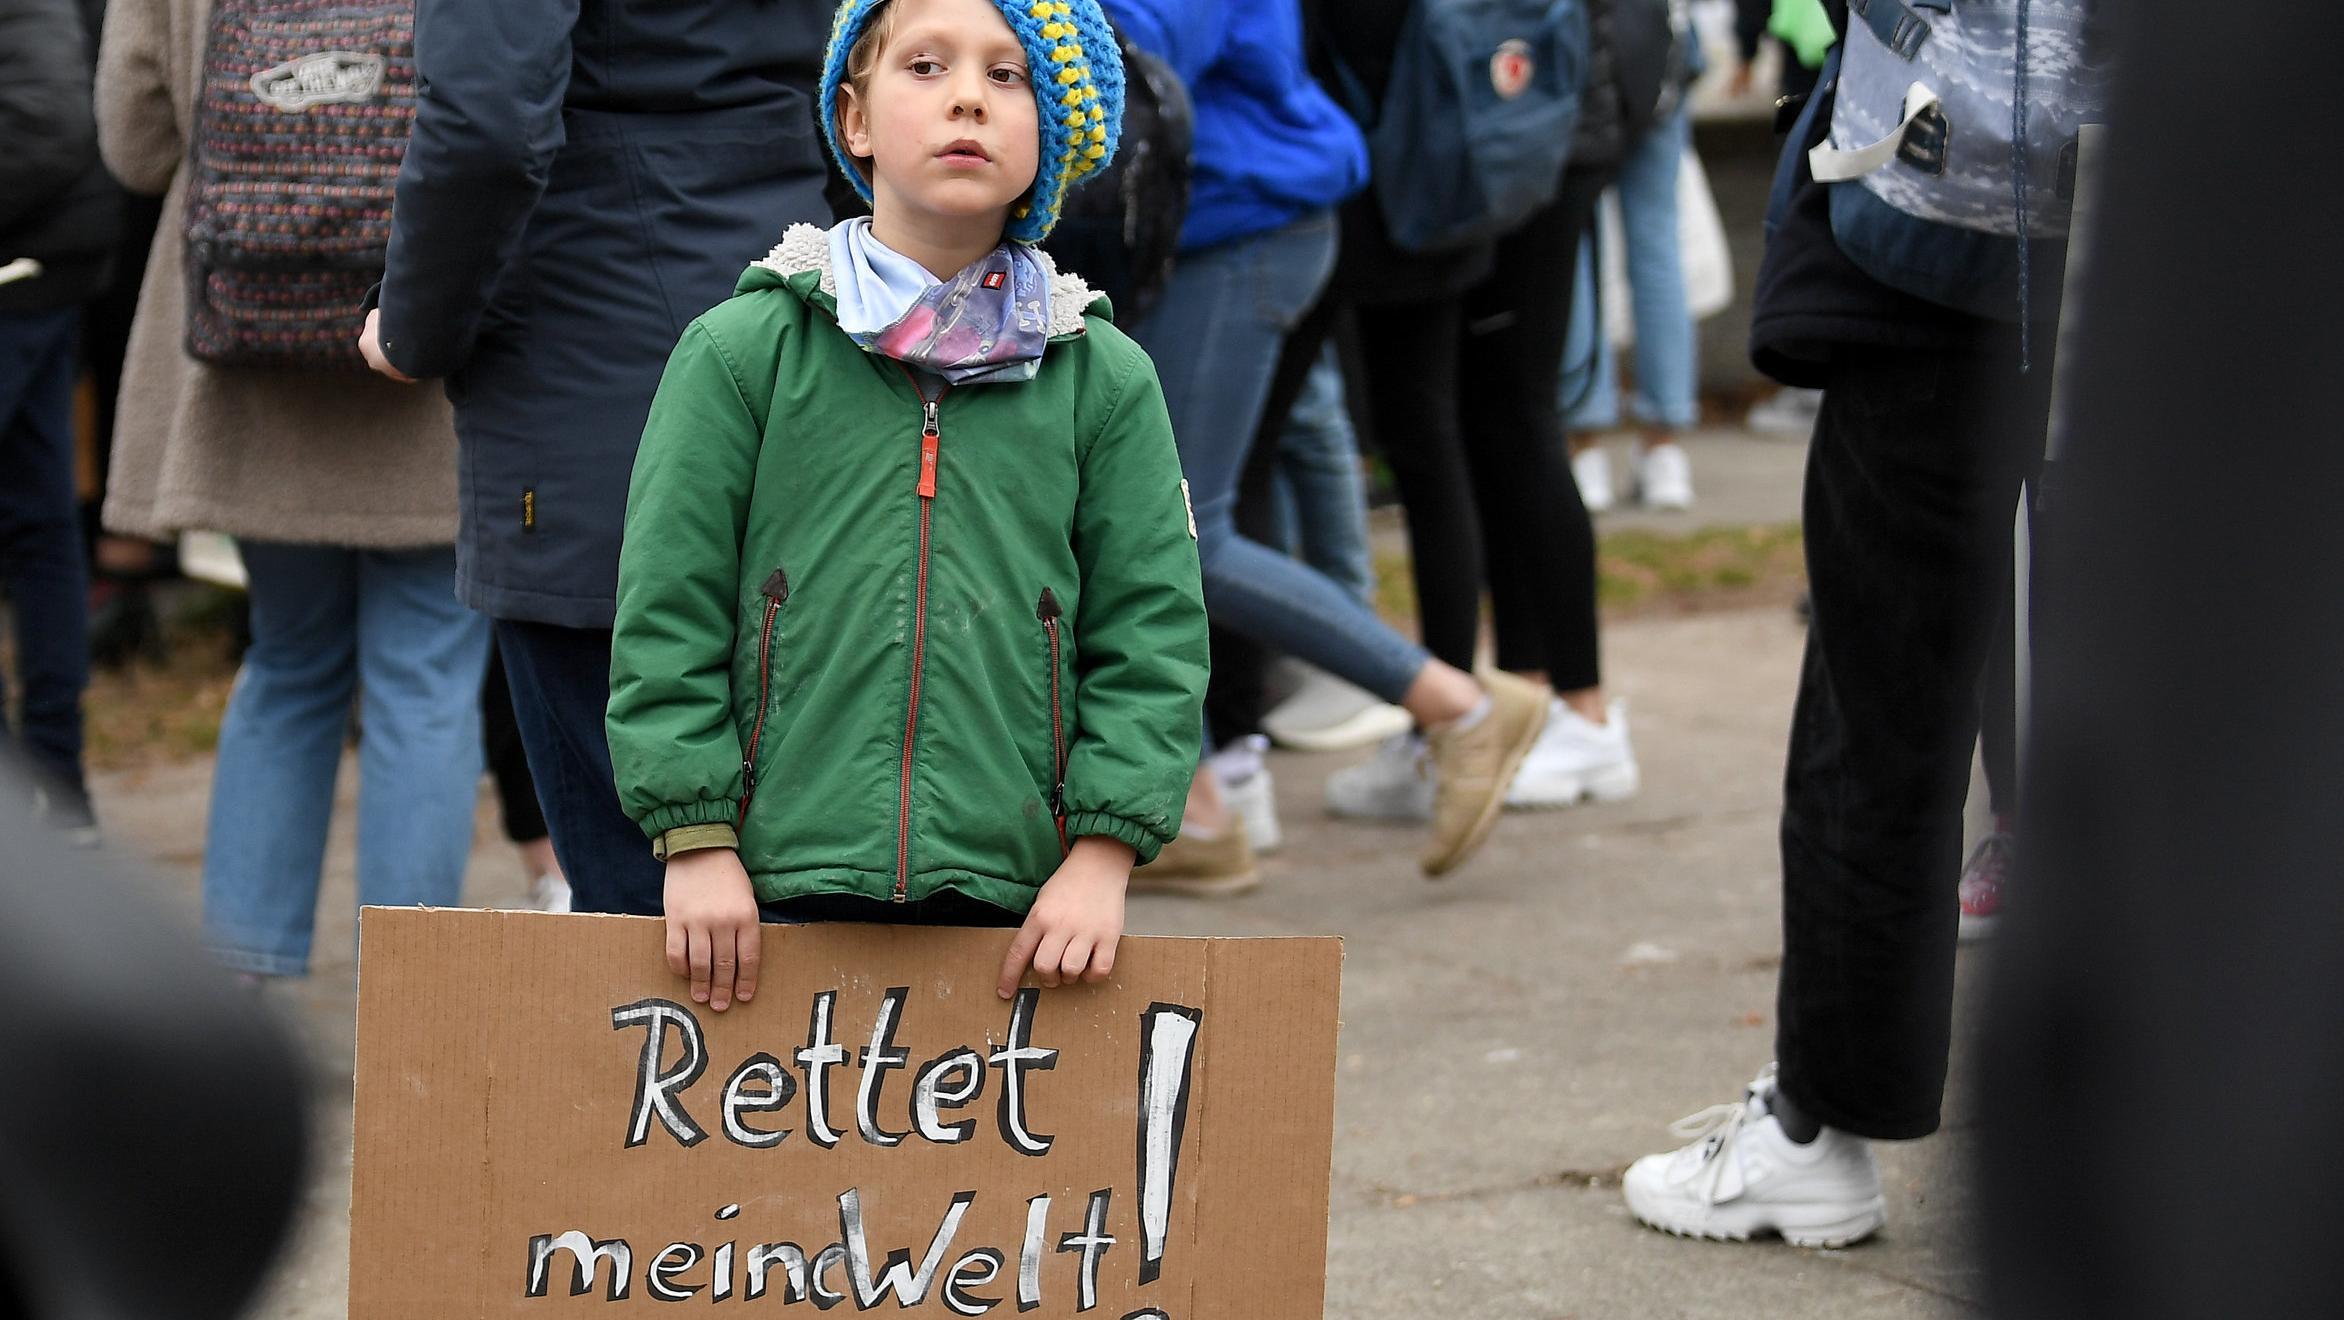 Inzwischen hat sie unzählige Mitstreiter - etwa den sechsjährigen Jonathan aus Berlin.